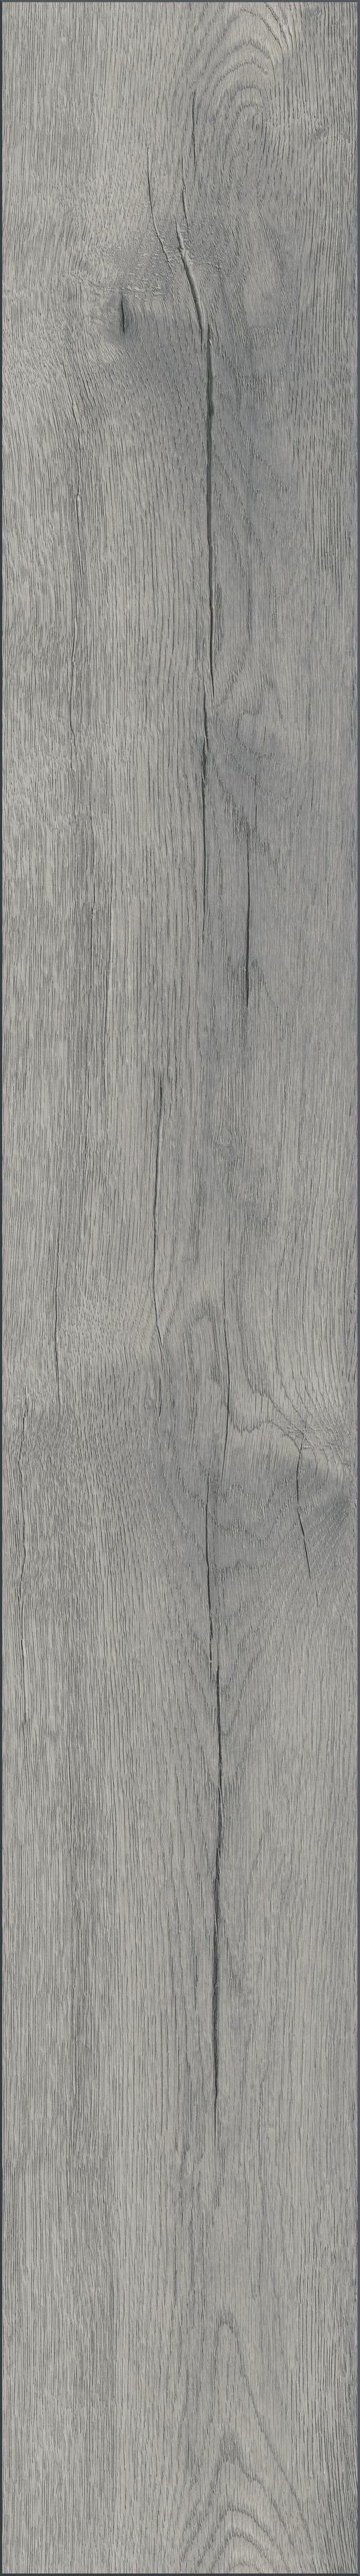 kronotex exquisit laminat pettersson eiche grau d 4765 von kronotex. Black Bedroom Furniture Sets. Home Design Ideas